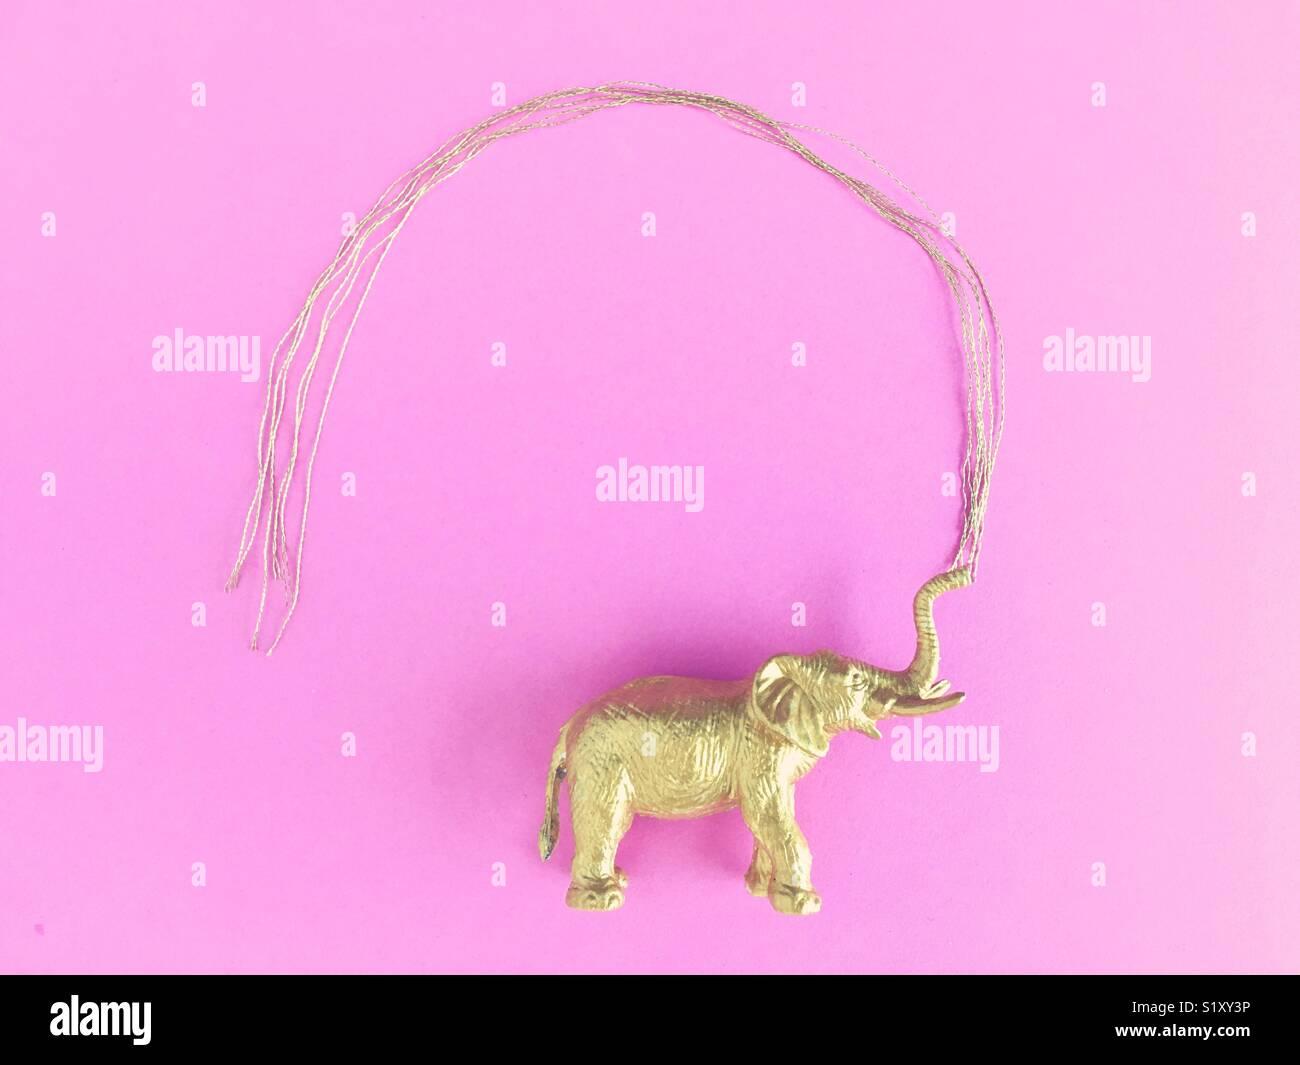 Konzeptionelle: Elefant sprühen Wasser in Gold und Rosa. Stockbild